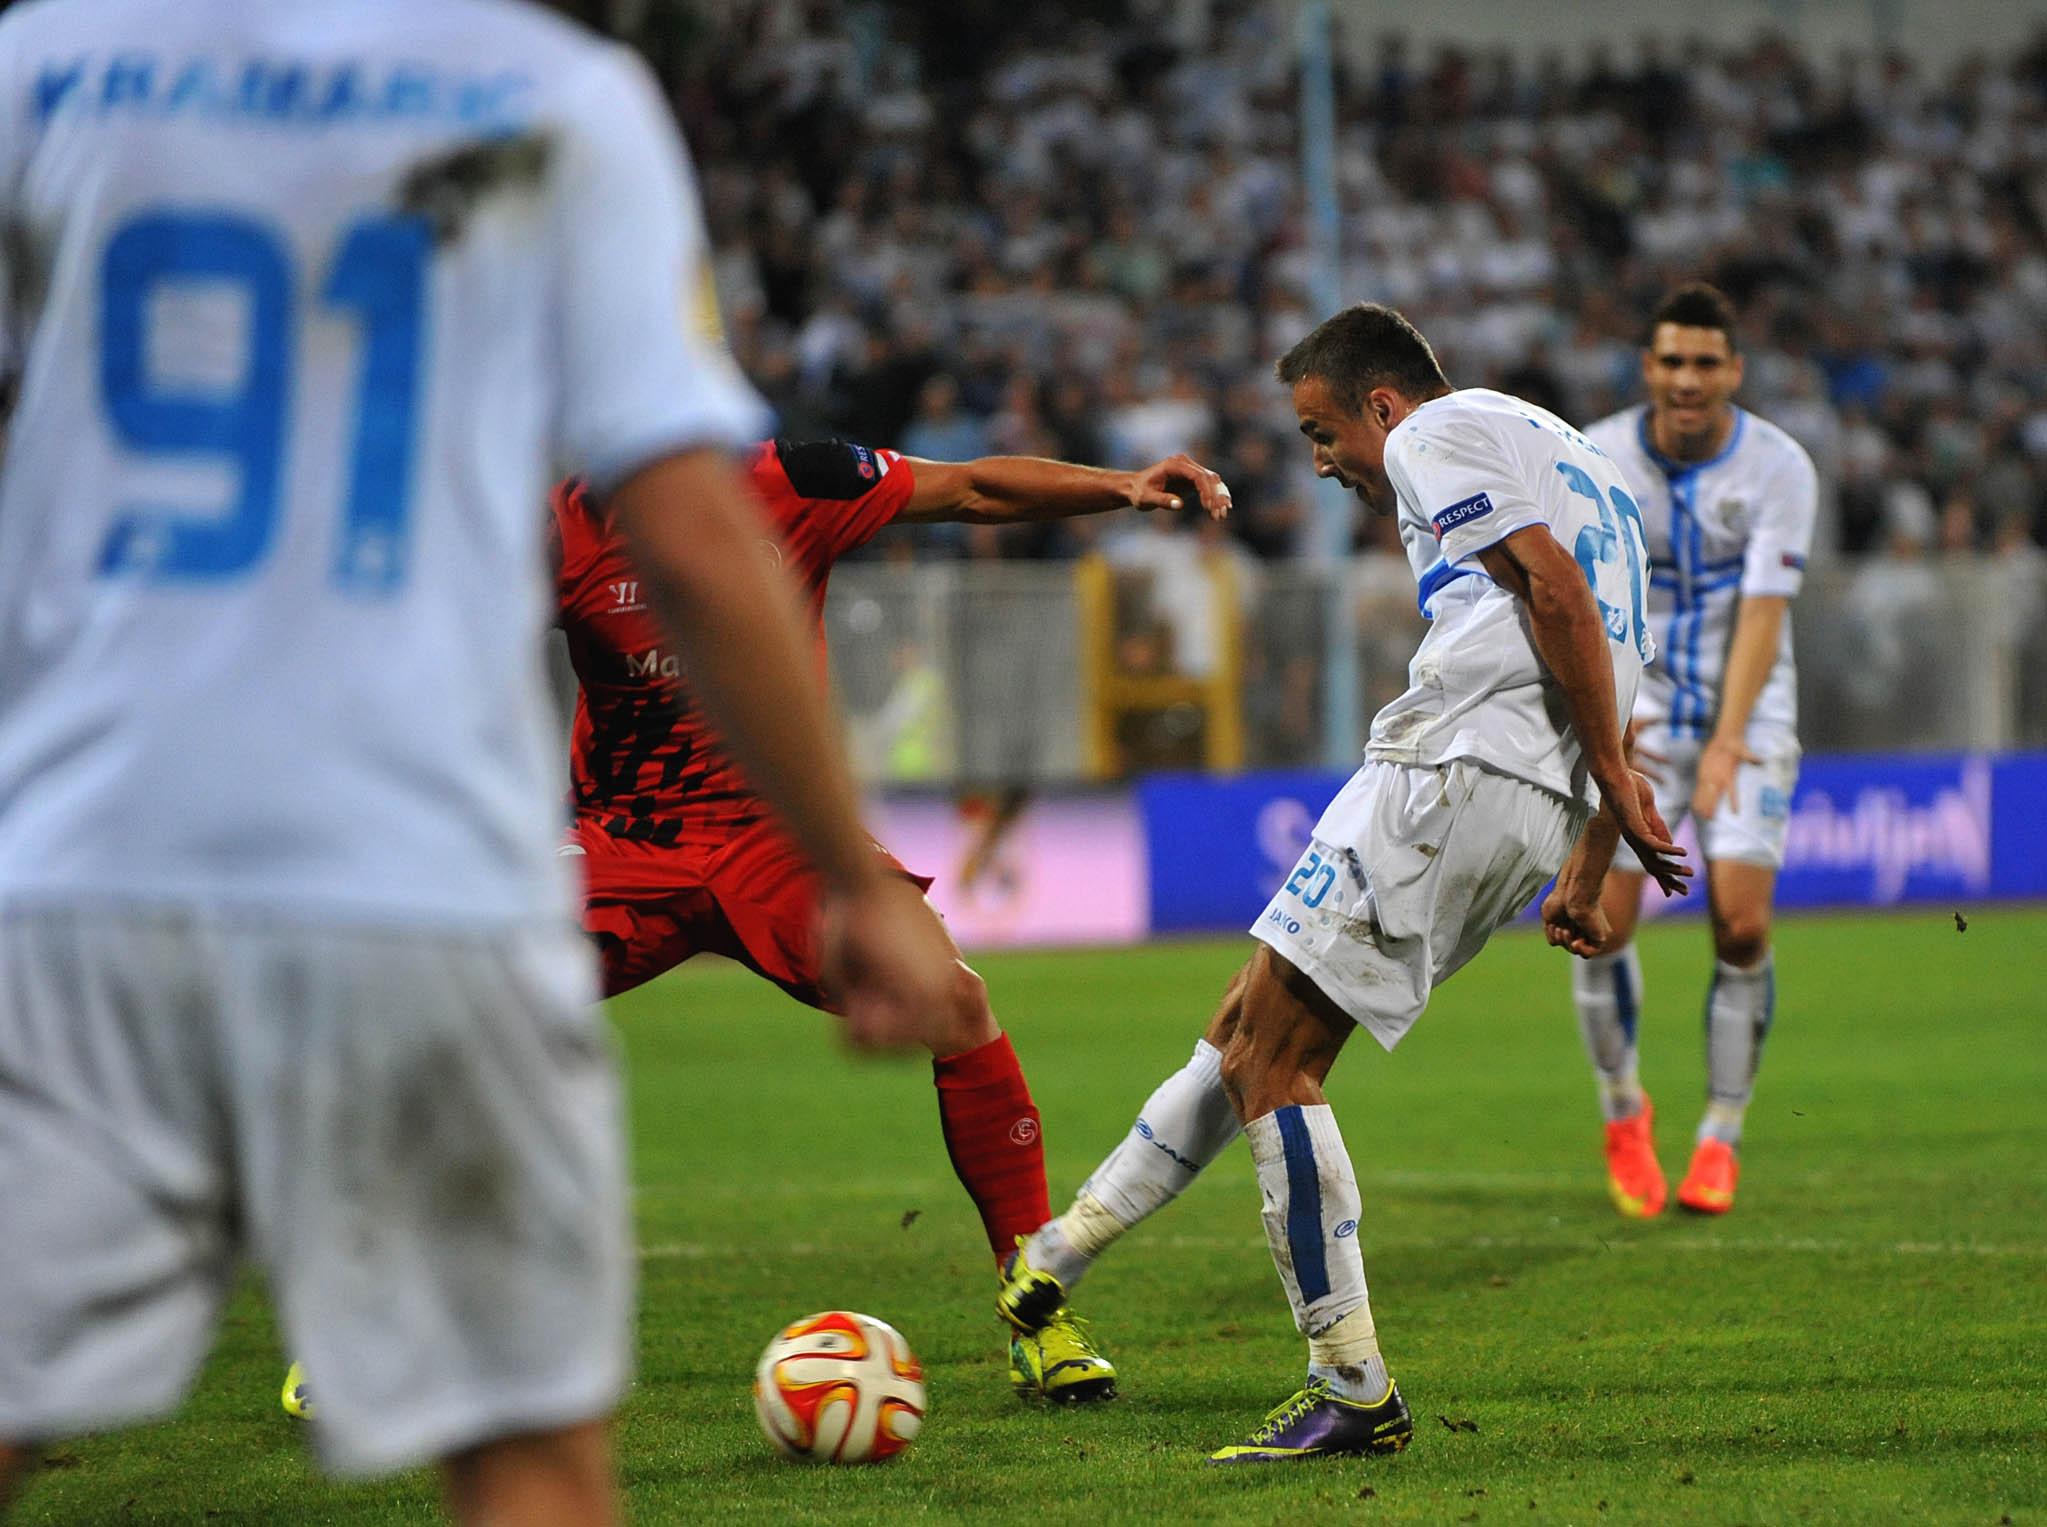 POGODAK I SLAVLJE – Zoran Kvržić postiže pogodak protiv Seville na Kantridi 2. listopada 2014./Foto D. ŠKOMRLJ